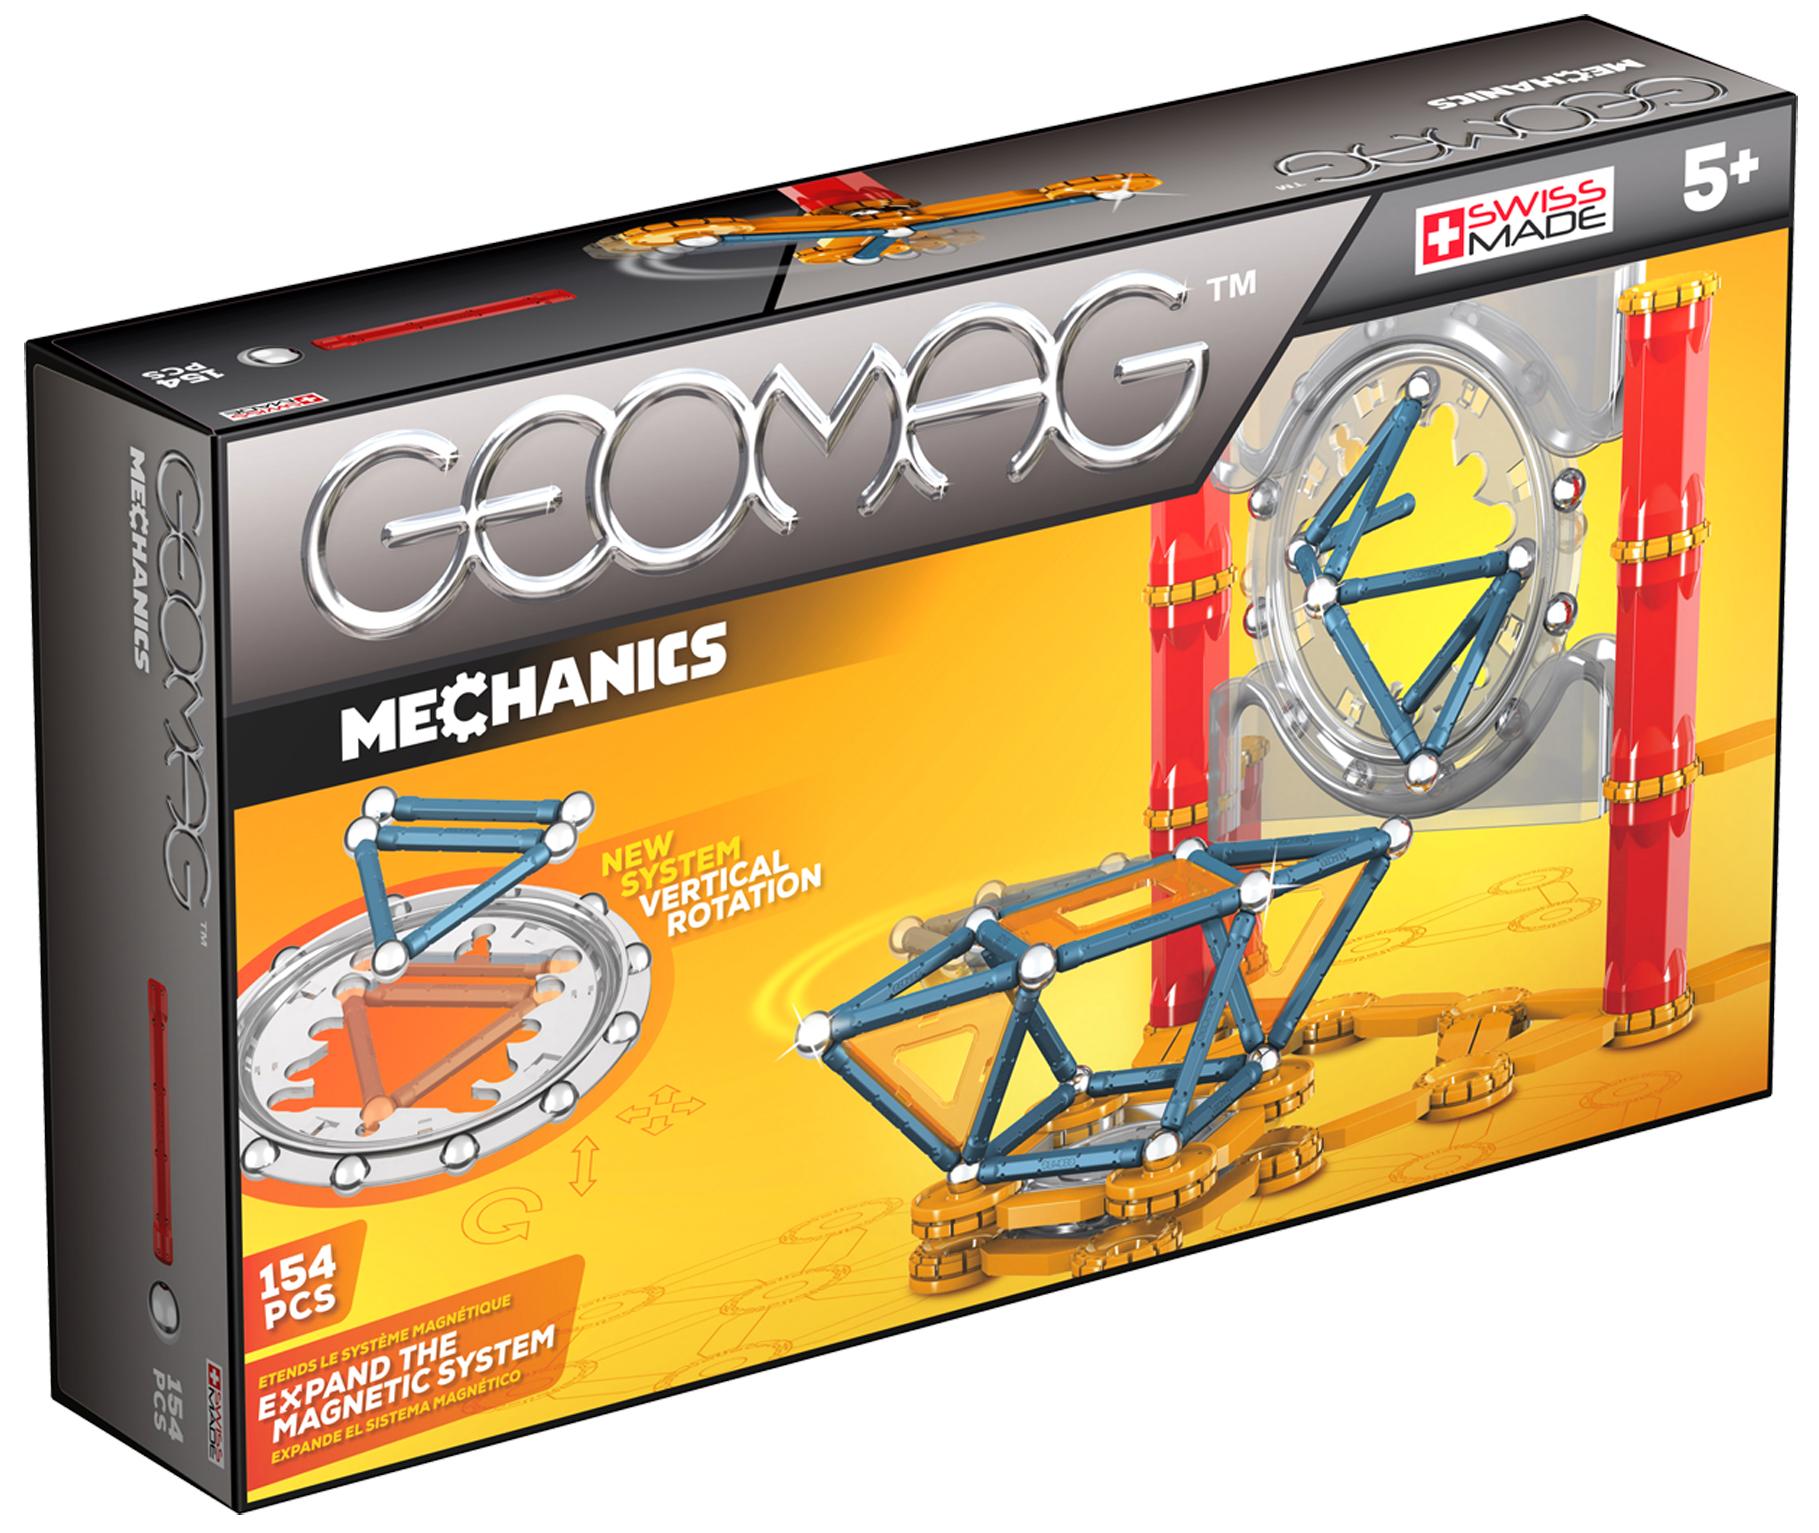 GEOMAG MECHANICS 164 PZ